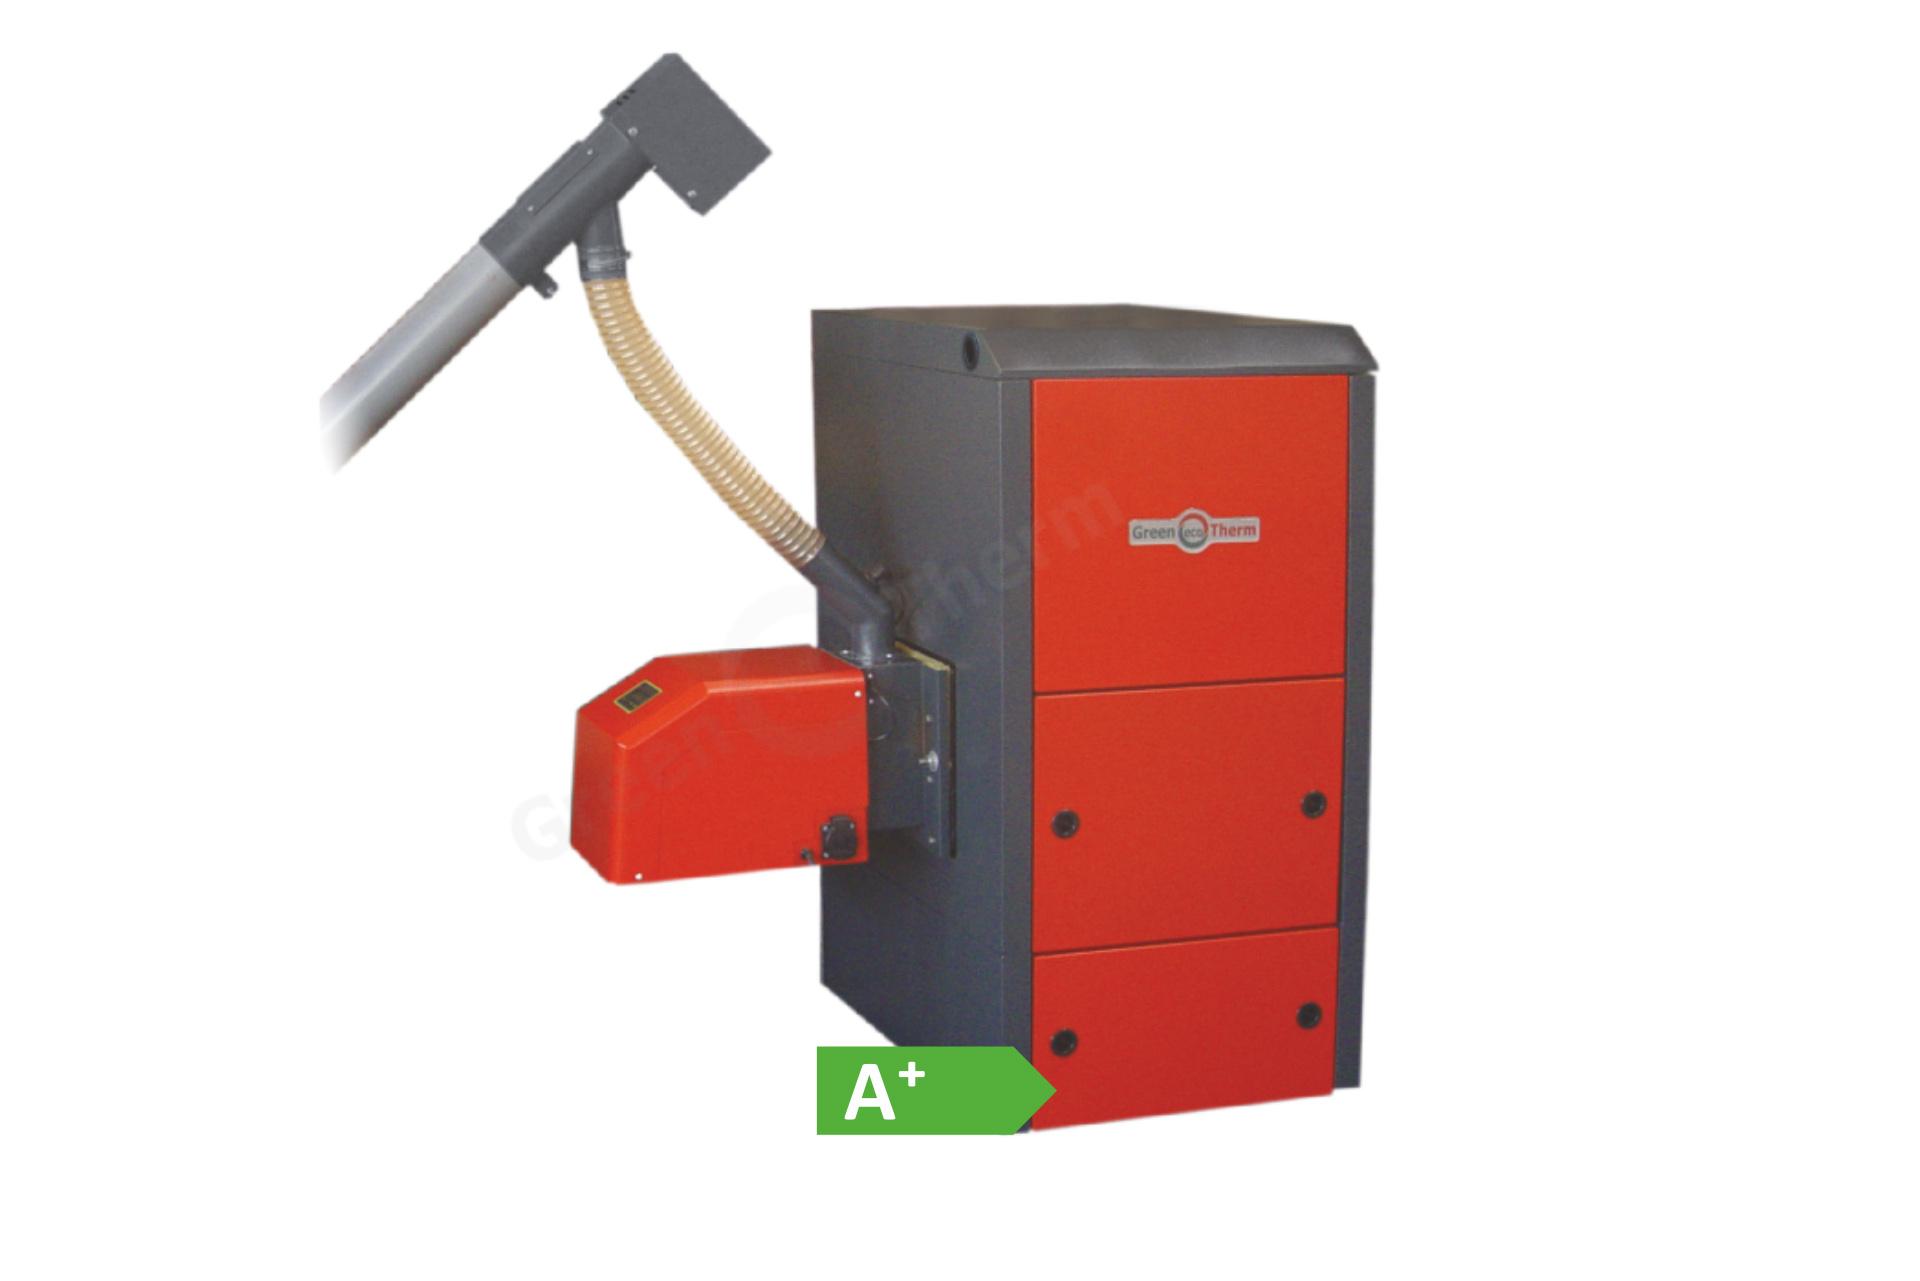 Водогрейните котли Pelletherm V.4 LT са модификация на базовия модел пелетни котли от серията Pelletherm V.4. Подходящи са за отопление на малки битови и фирмени обекти, както и за подгряване на битова гореща вода.  Окомплектовани са с: пелетна горелка с автоматично самопочистване от серията GP sc; горивоподаващ шнек; комплект инструменти за почистване.